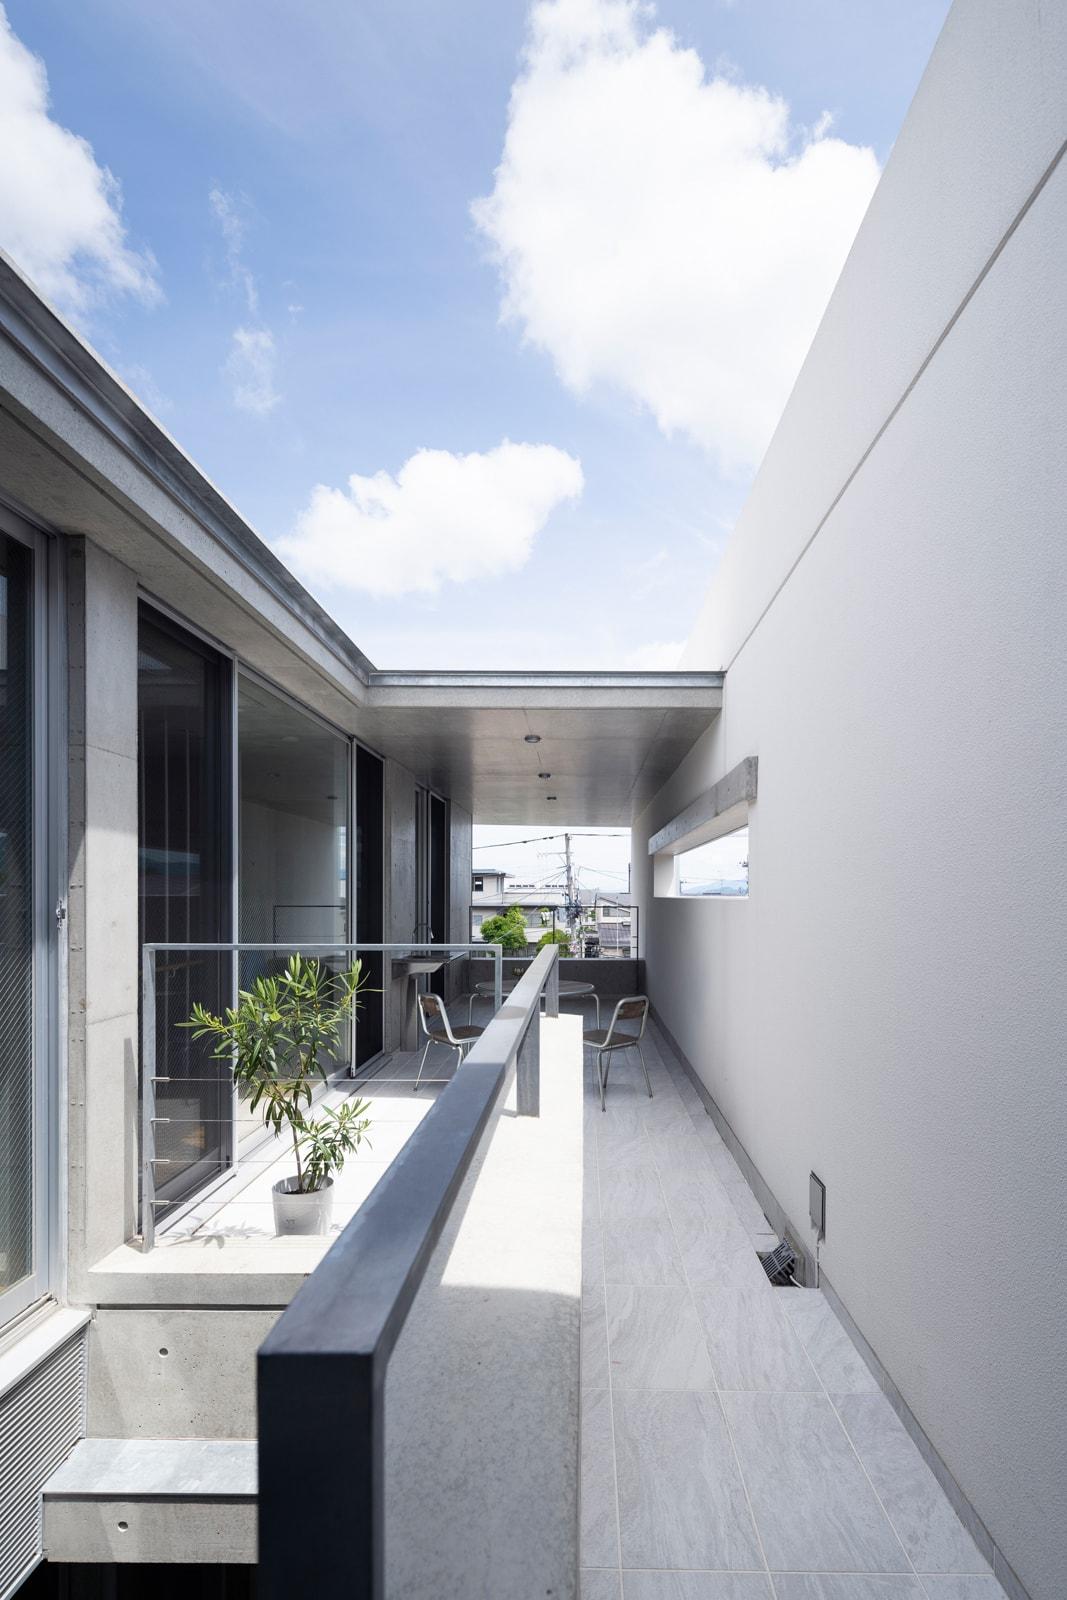 建物の細長い形状を利用してデザインされた広いテラス。部分的に屋根もあるので、季節や天候を問わず多目的に使いやすい